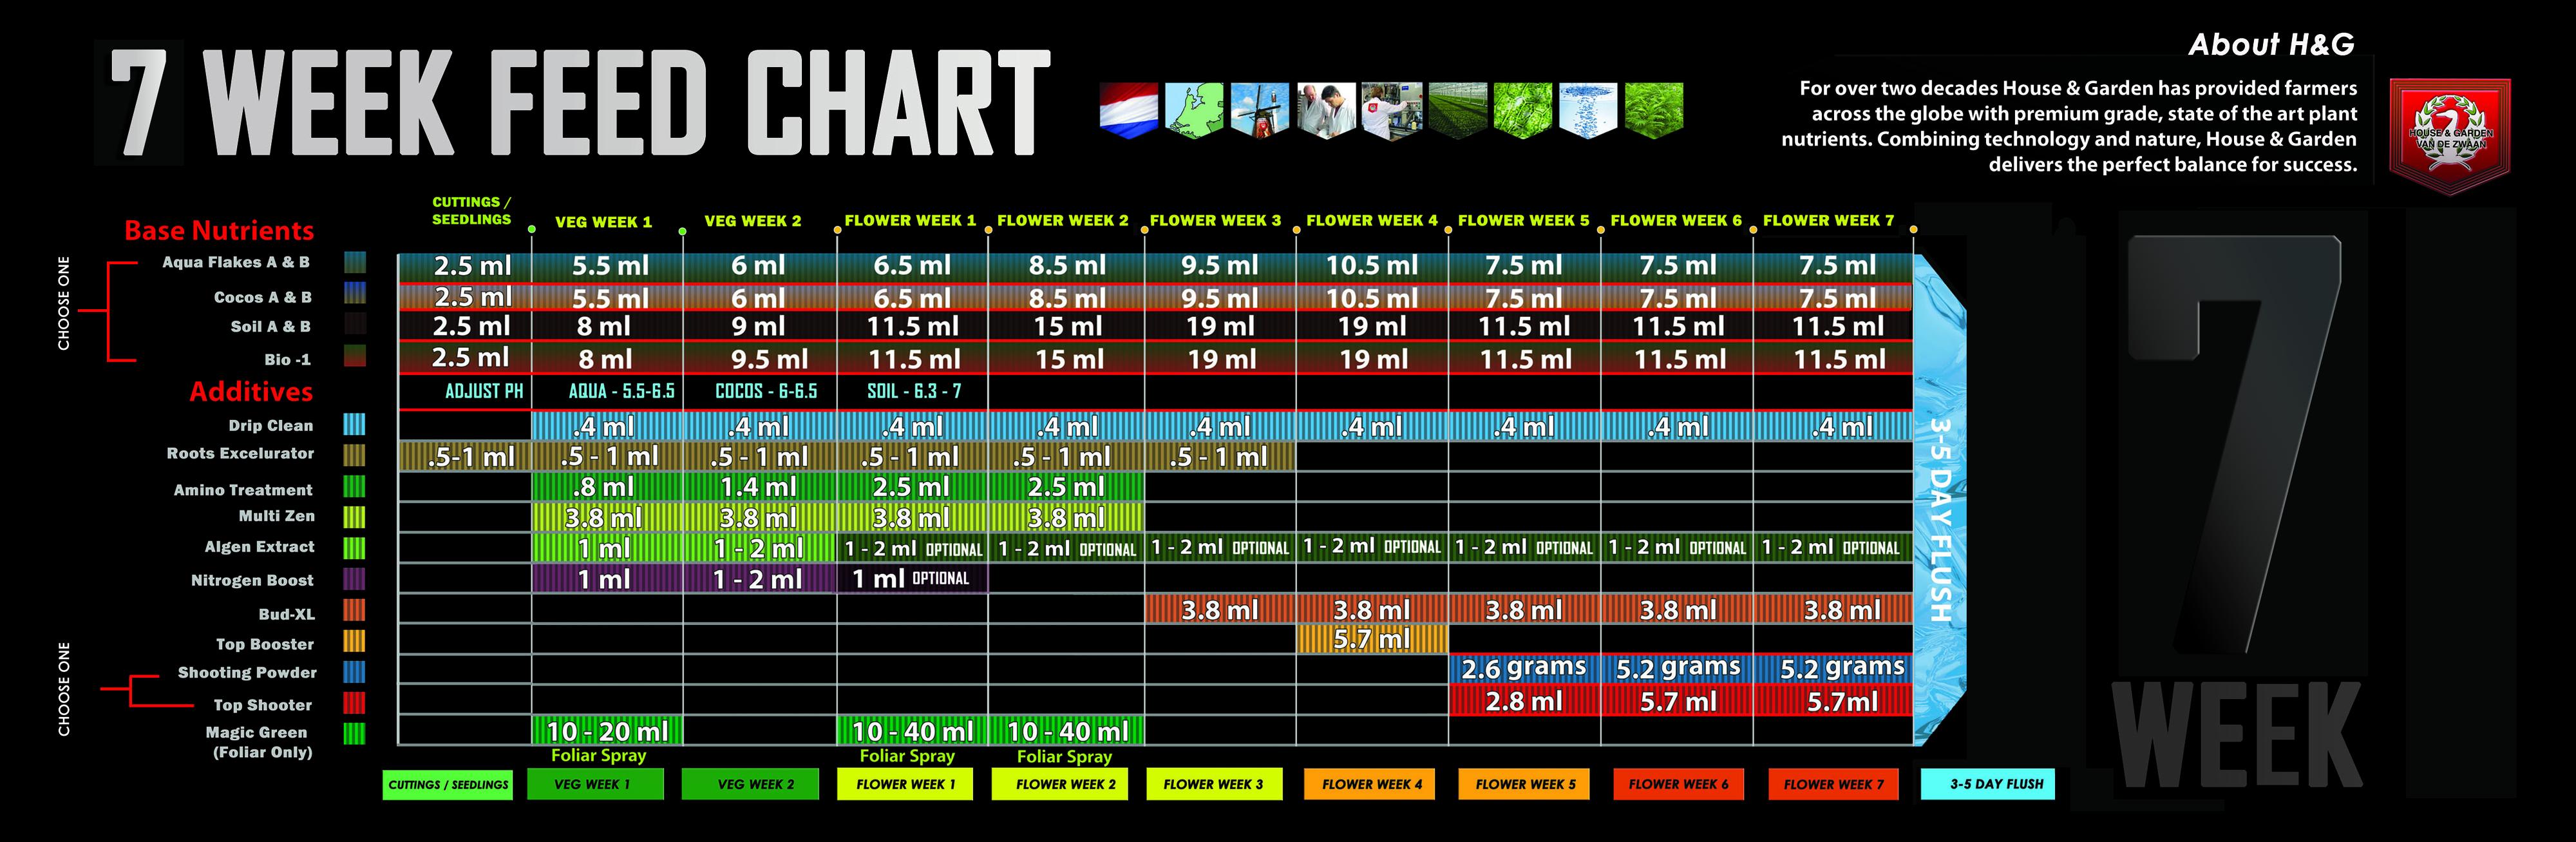 Feeding Schedules